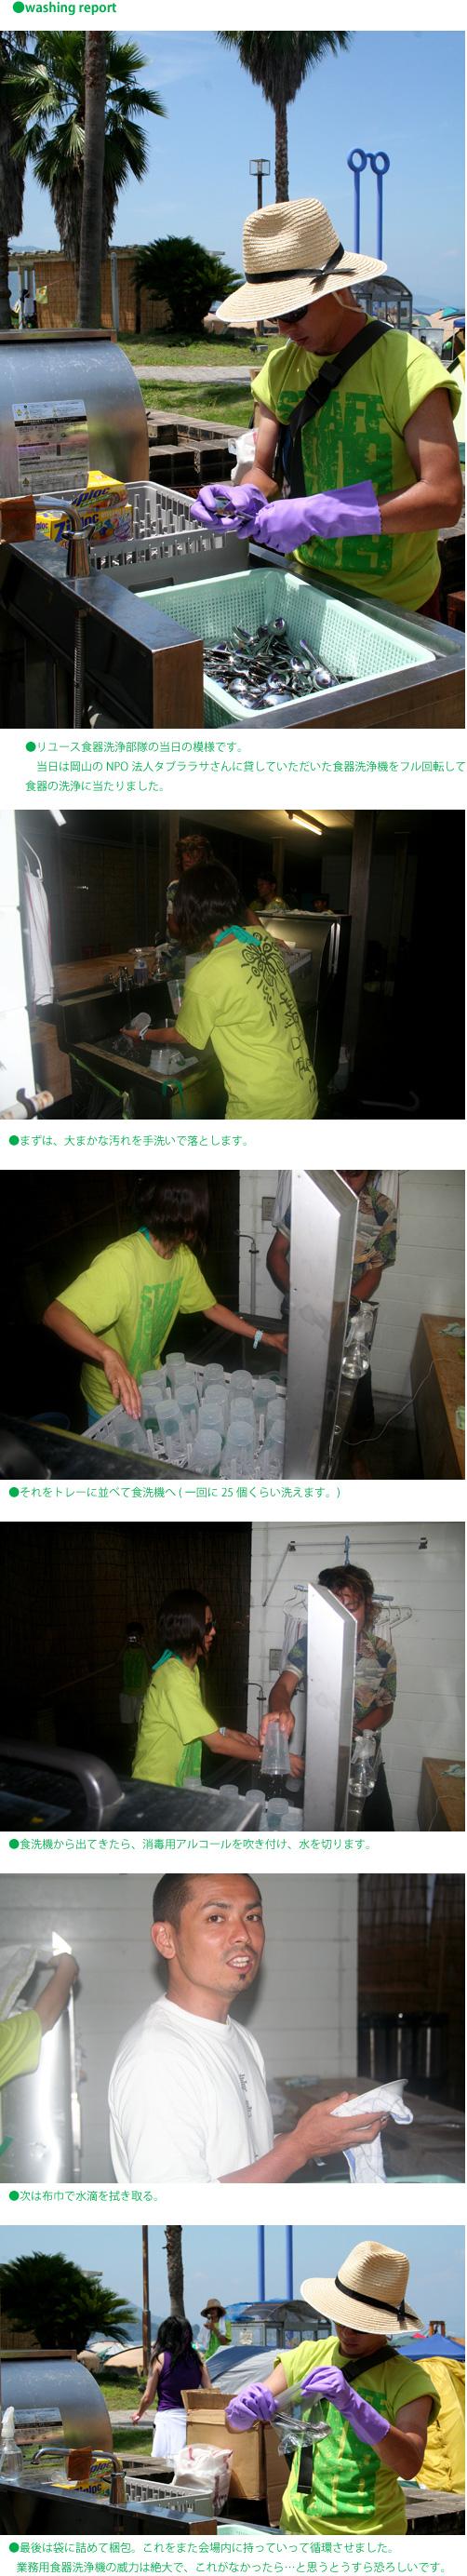 Reuse-wash2.jpg